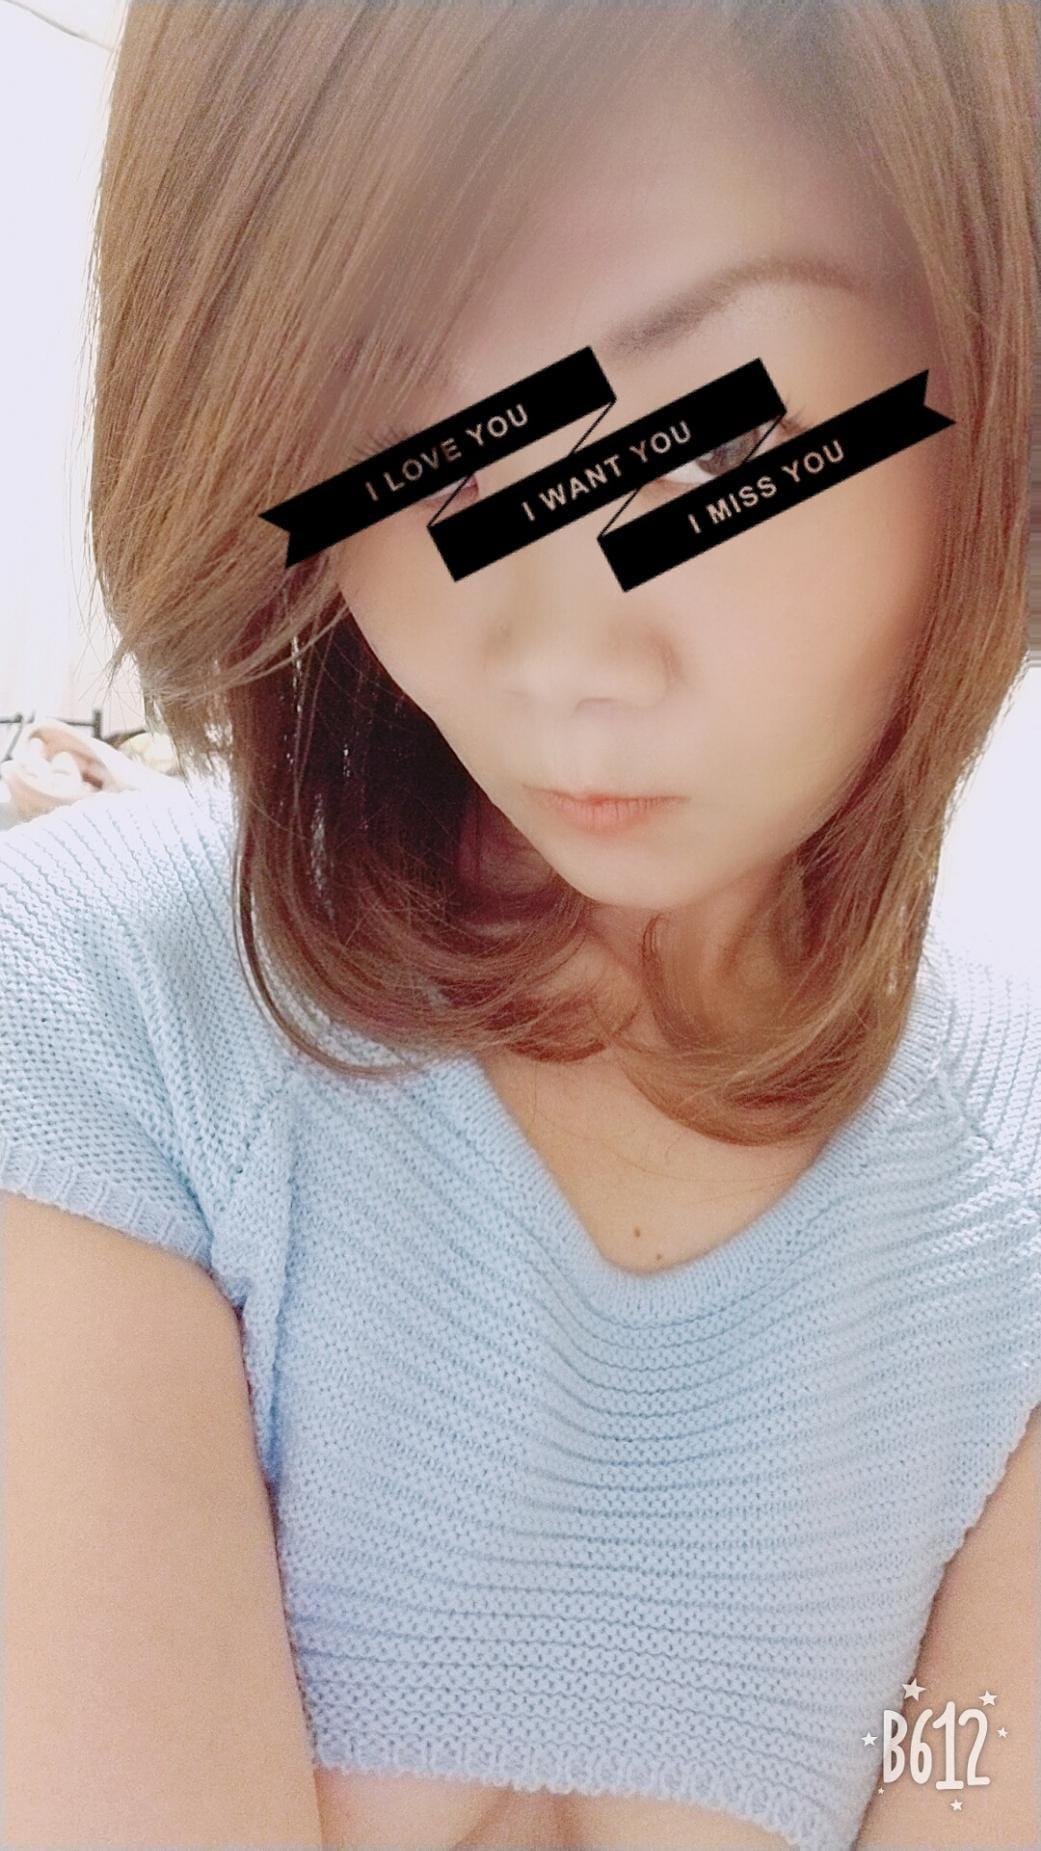 「妄想しちゃう。。。」11/05(月) 14:41 | あみの写メ・風俗動画